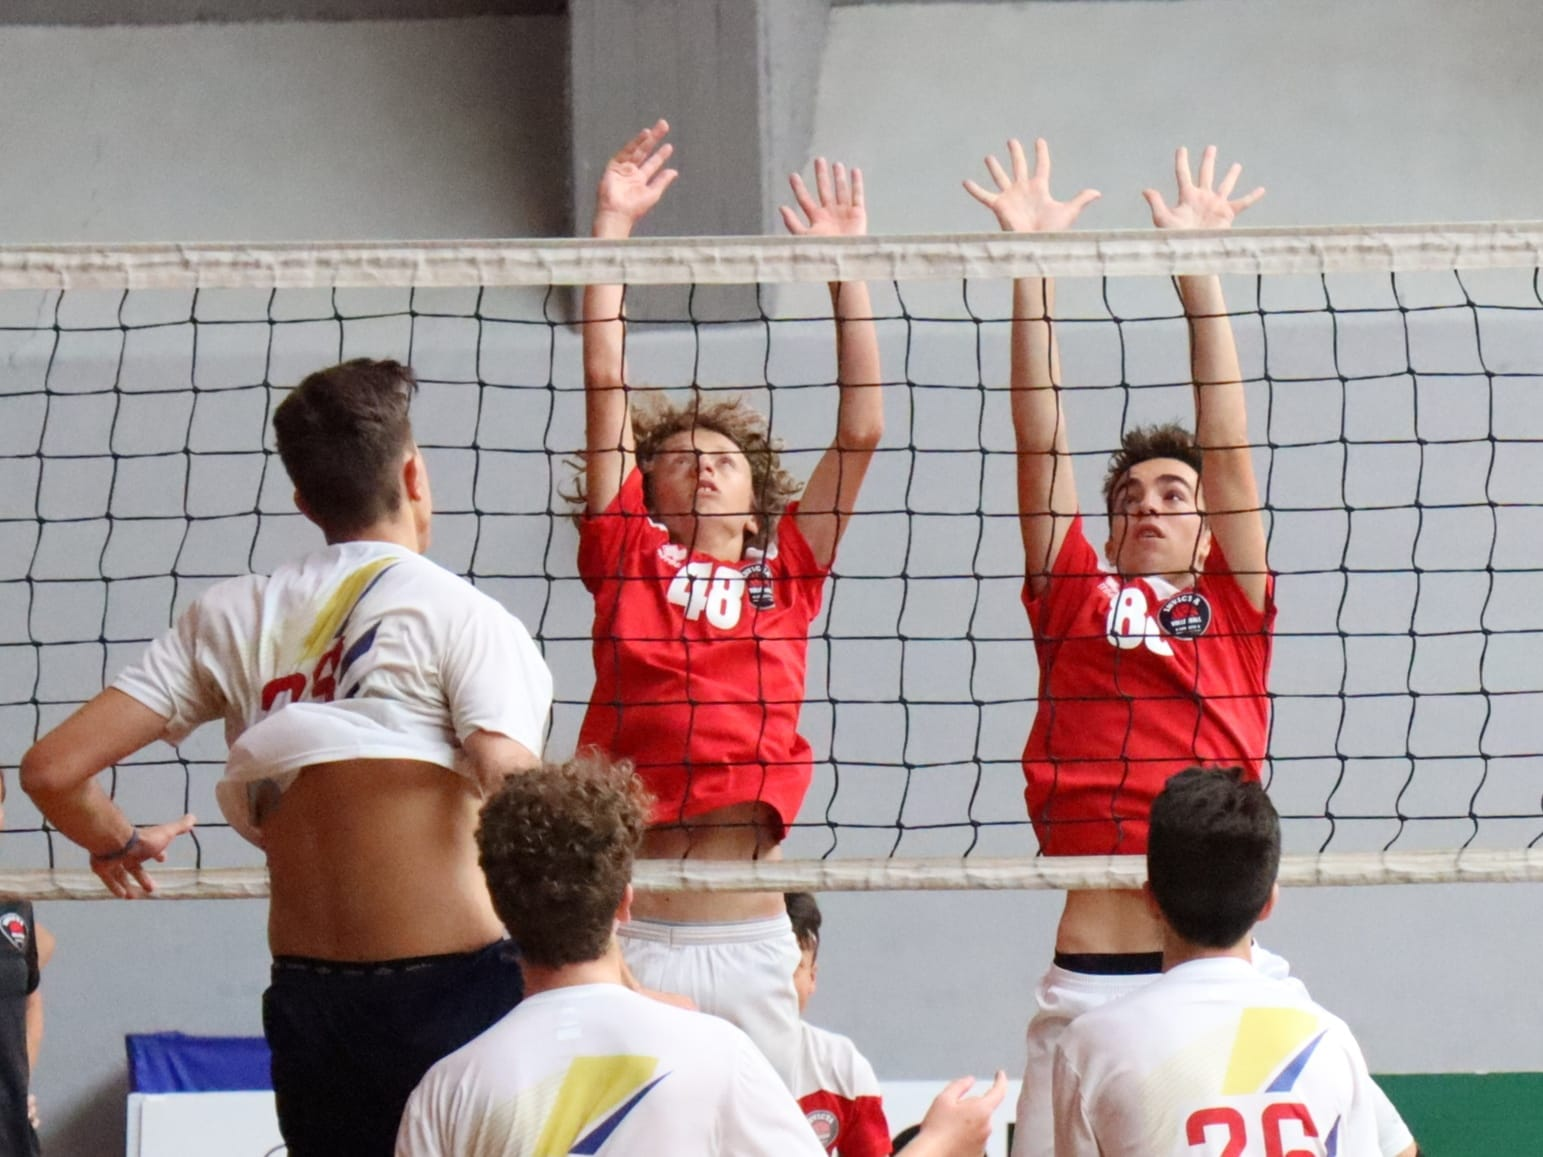 invictavolleyball squadra under 15 quarta alle finali nazionali muro